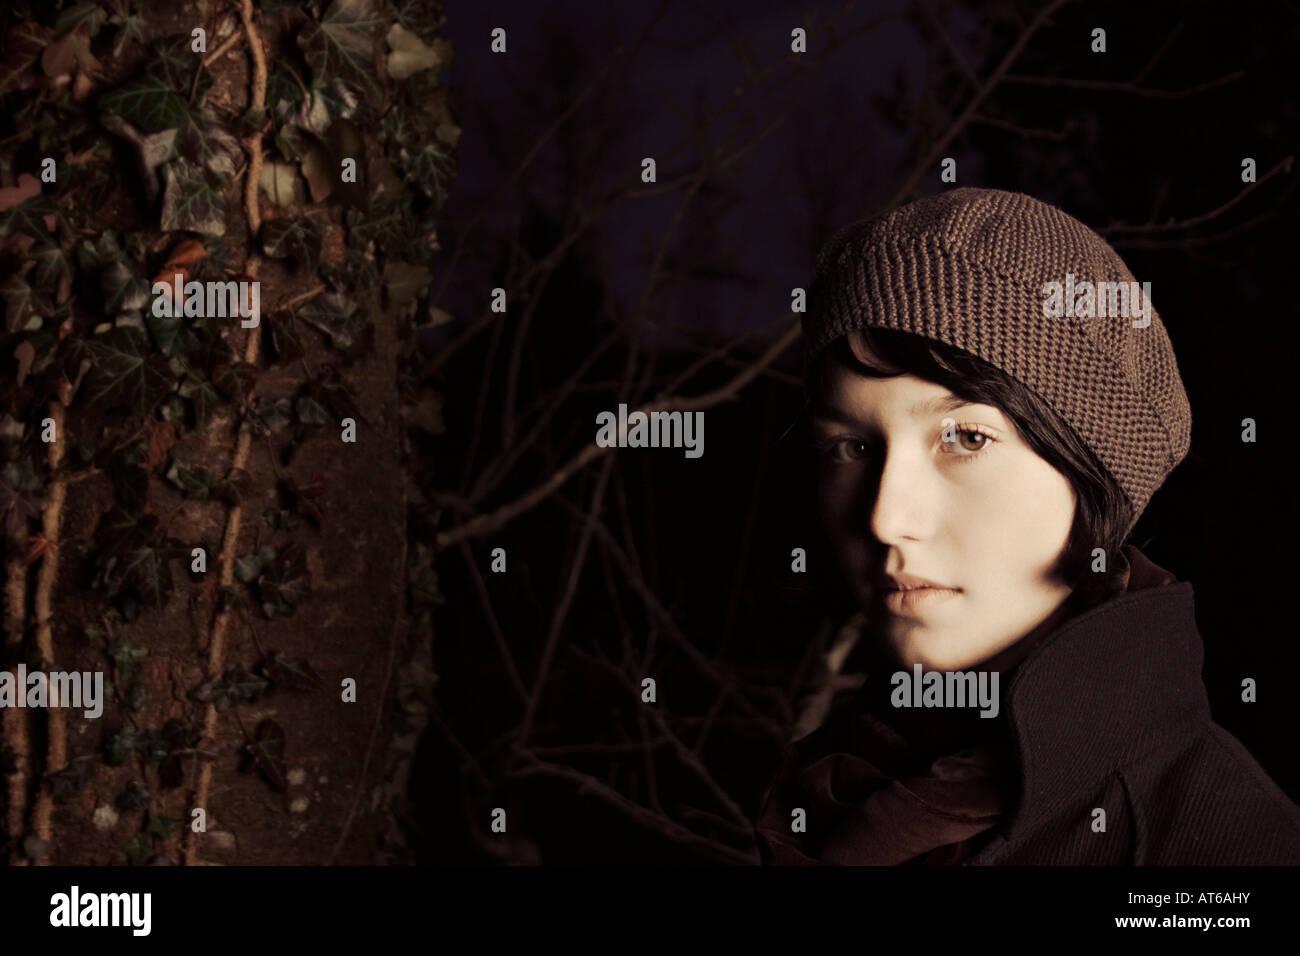 Jeune femme debout près d'un arbre Photo Stock